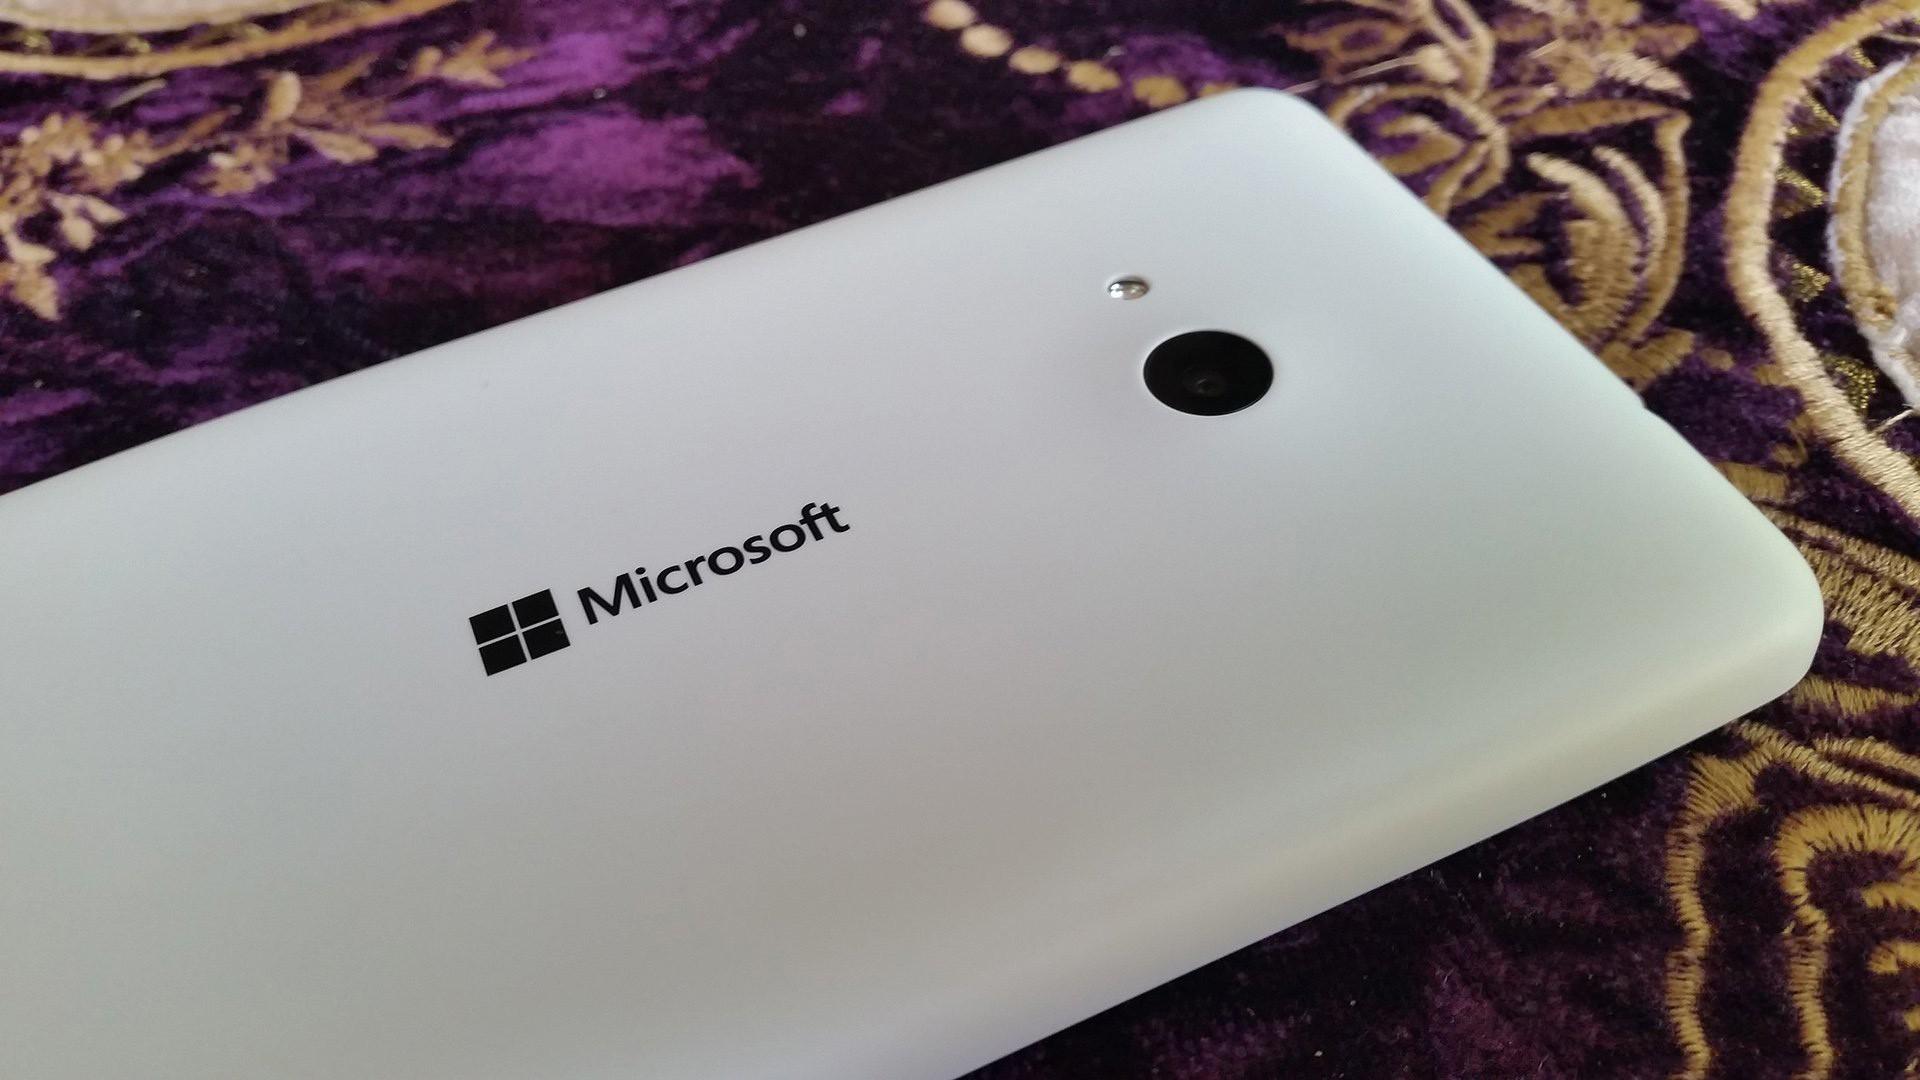 microsoft smartphone snapdragon 210 - Microsoft sẽ sản xuất điện thoại Windows 10 giá rẻ với Snapdragon 210